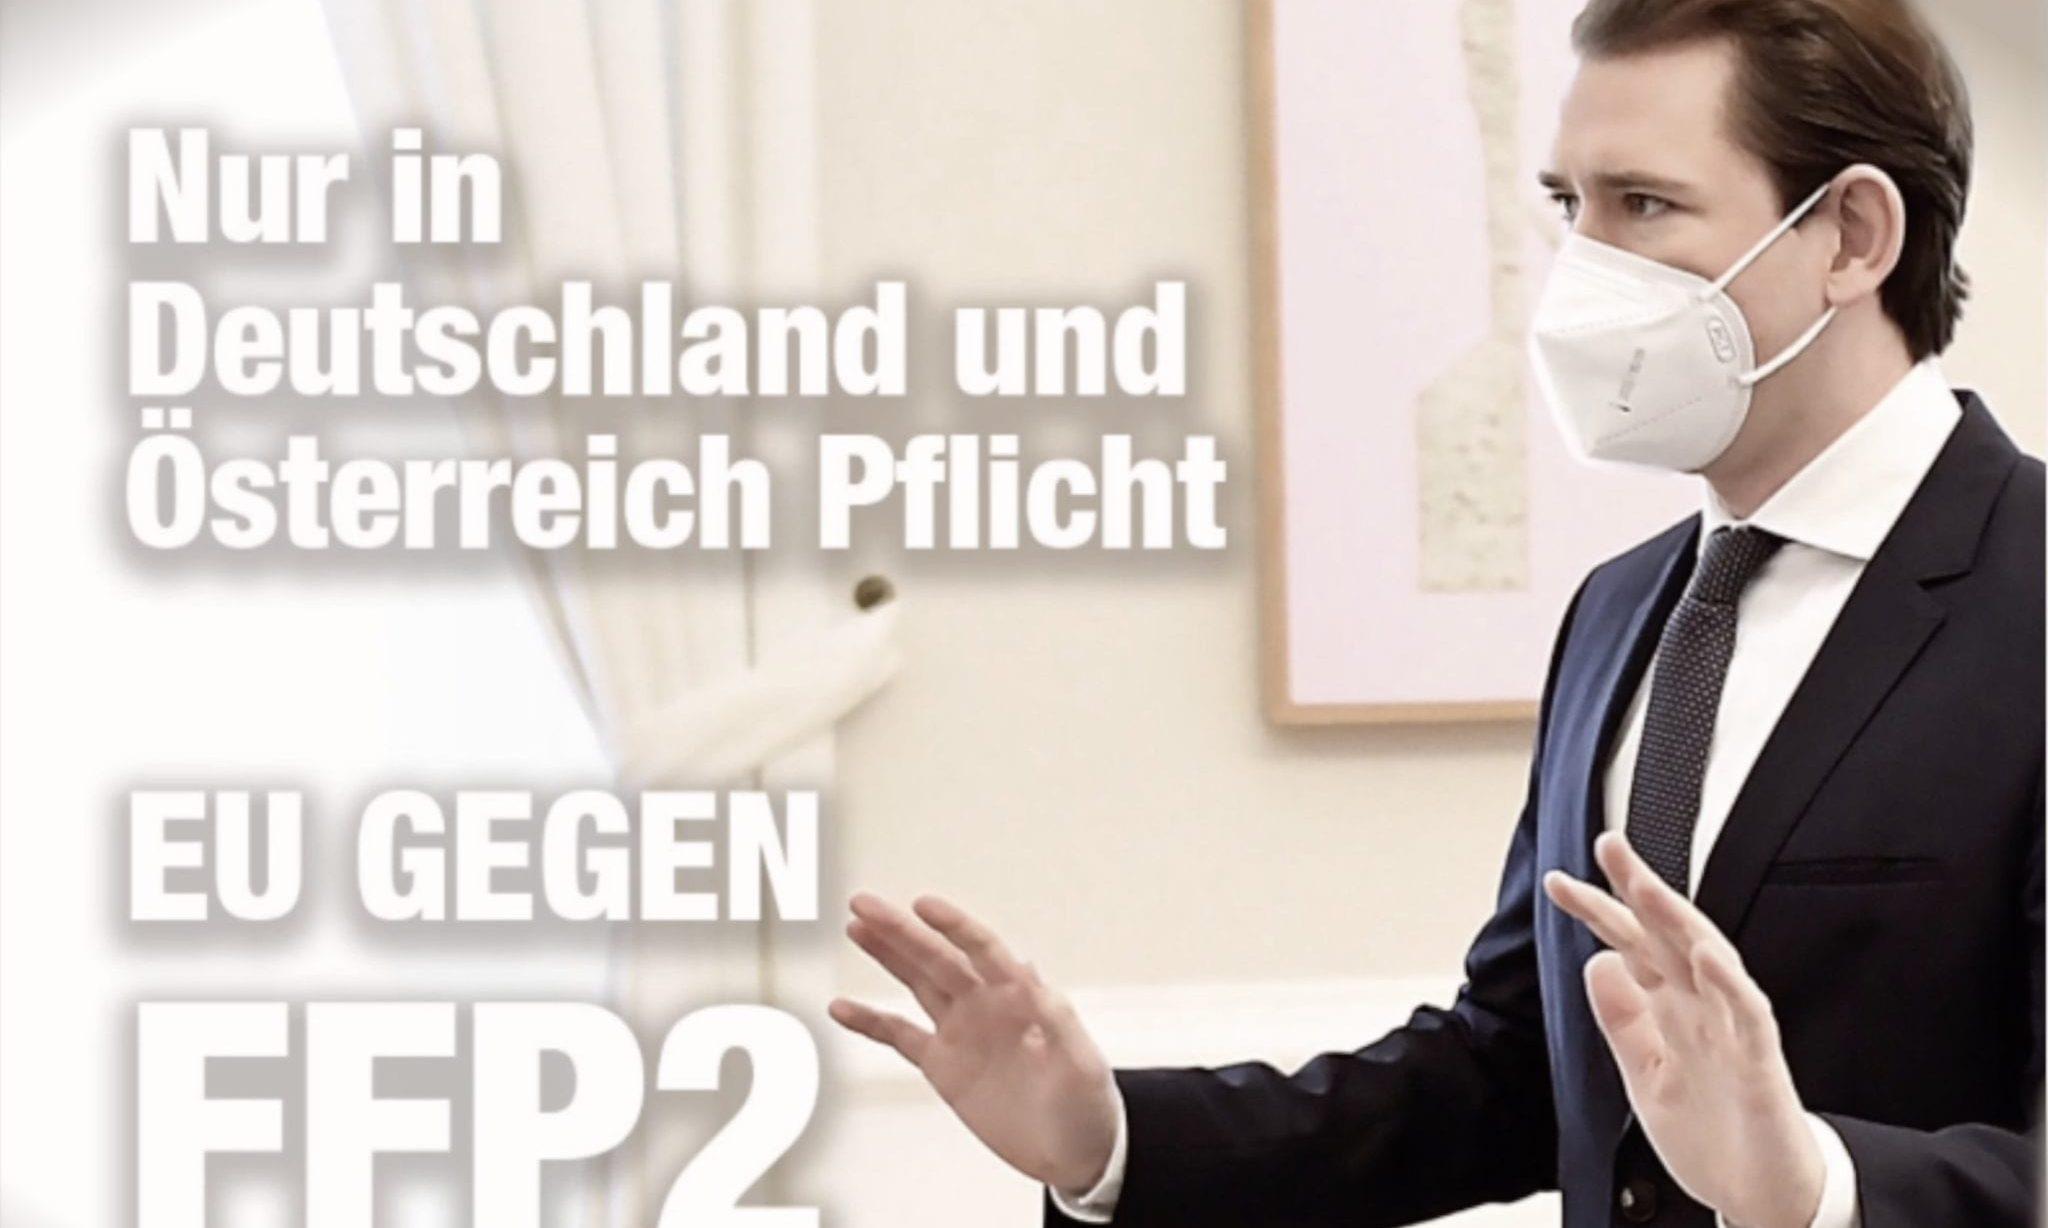 Sebastian Kurz FFP2-Masken